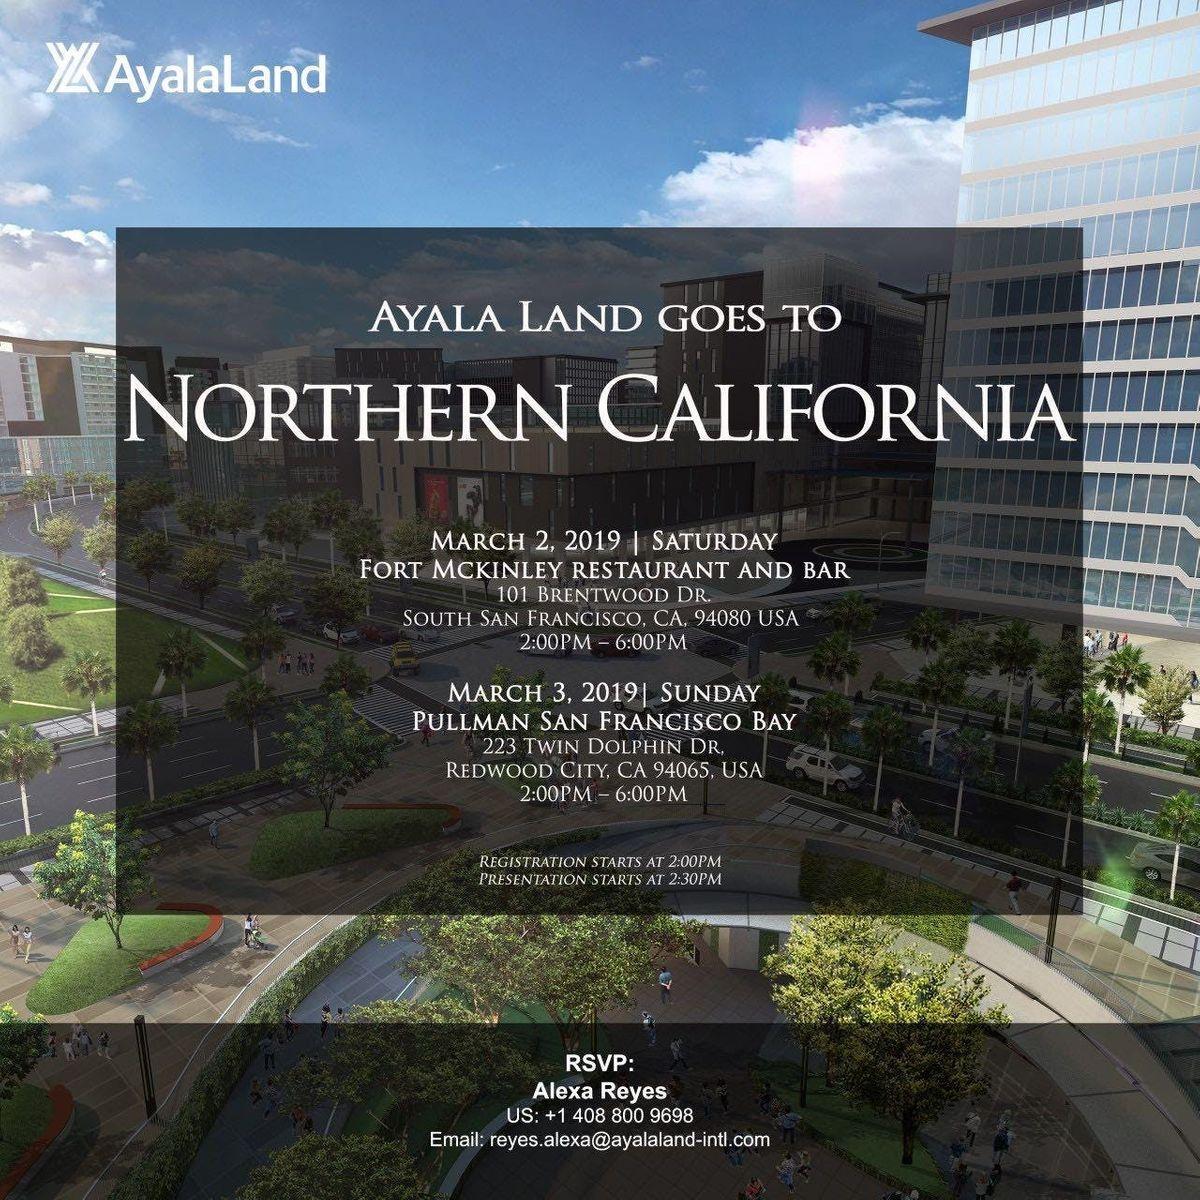 Ayala Land goes to Redwood City, CA at Pullman San Francisco